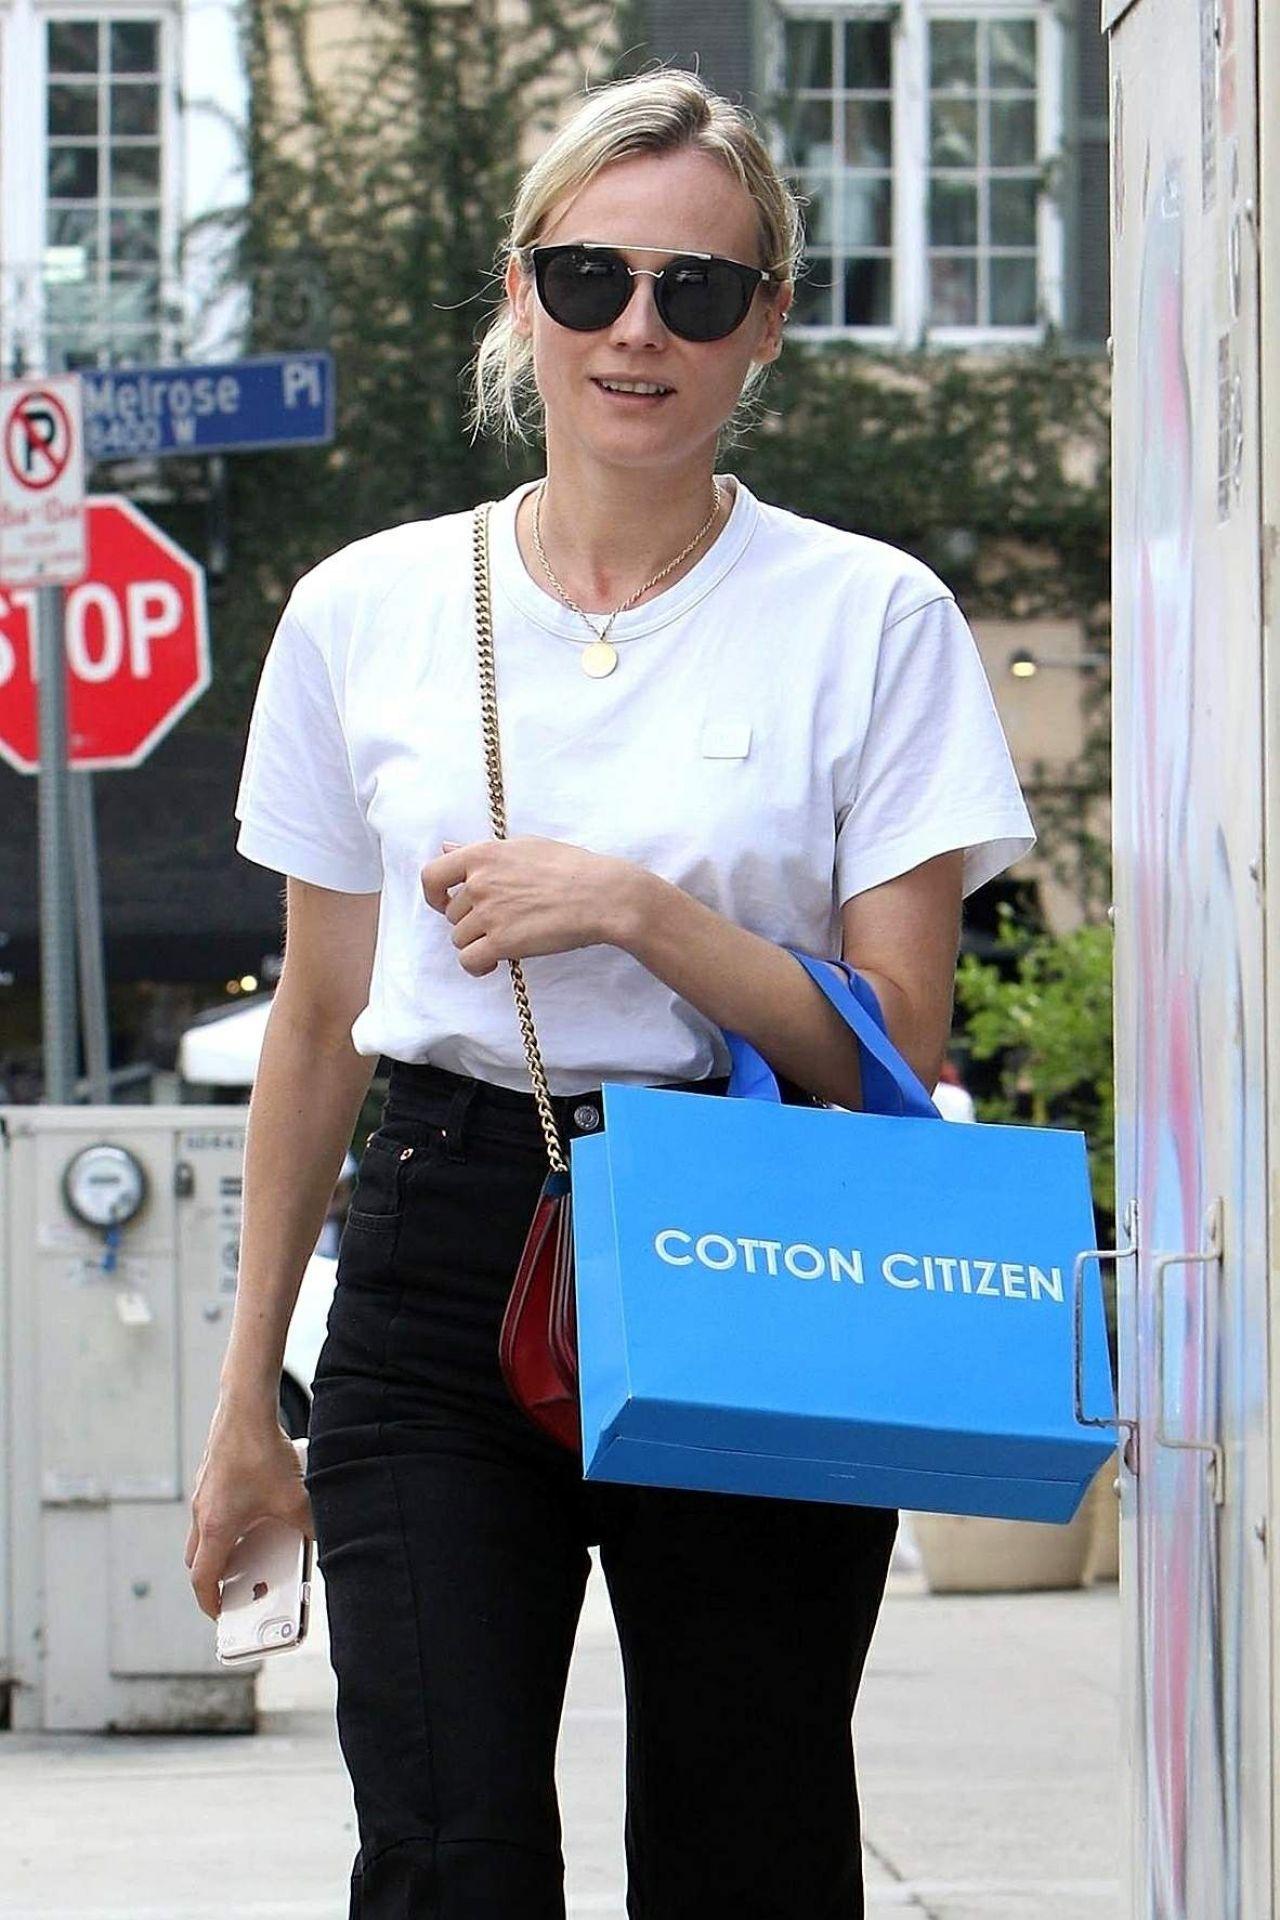 Diane Kruger - Shops at Cotton Citizen on Melrose Place in LA 11/01/2017